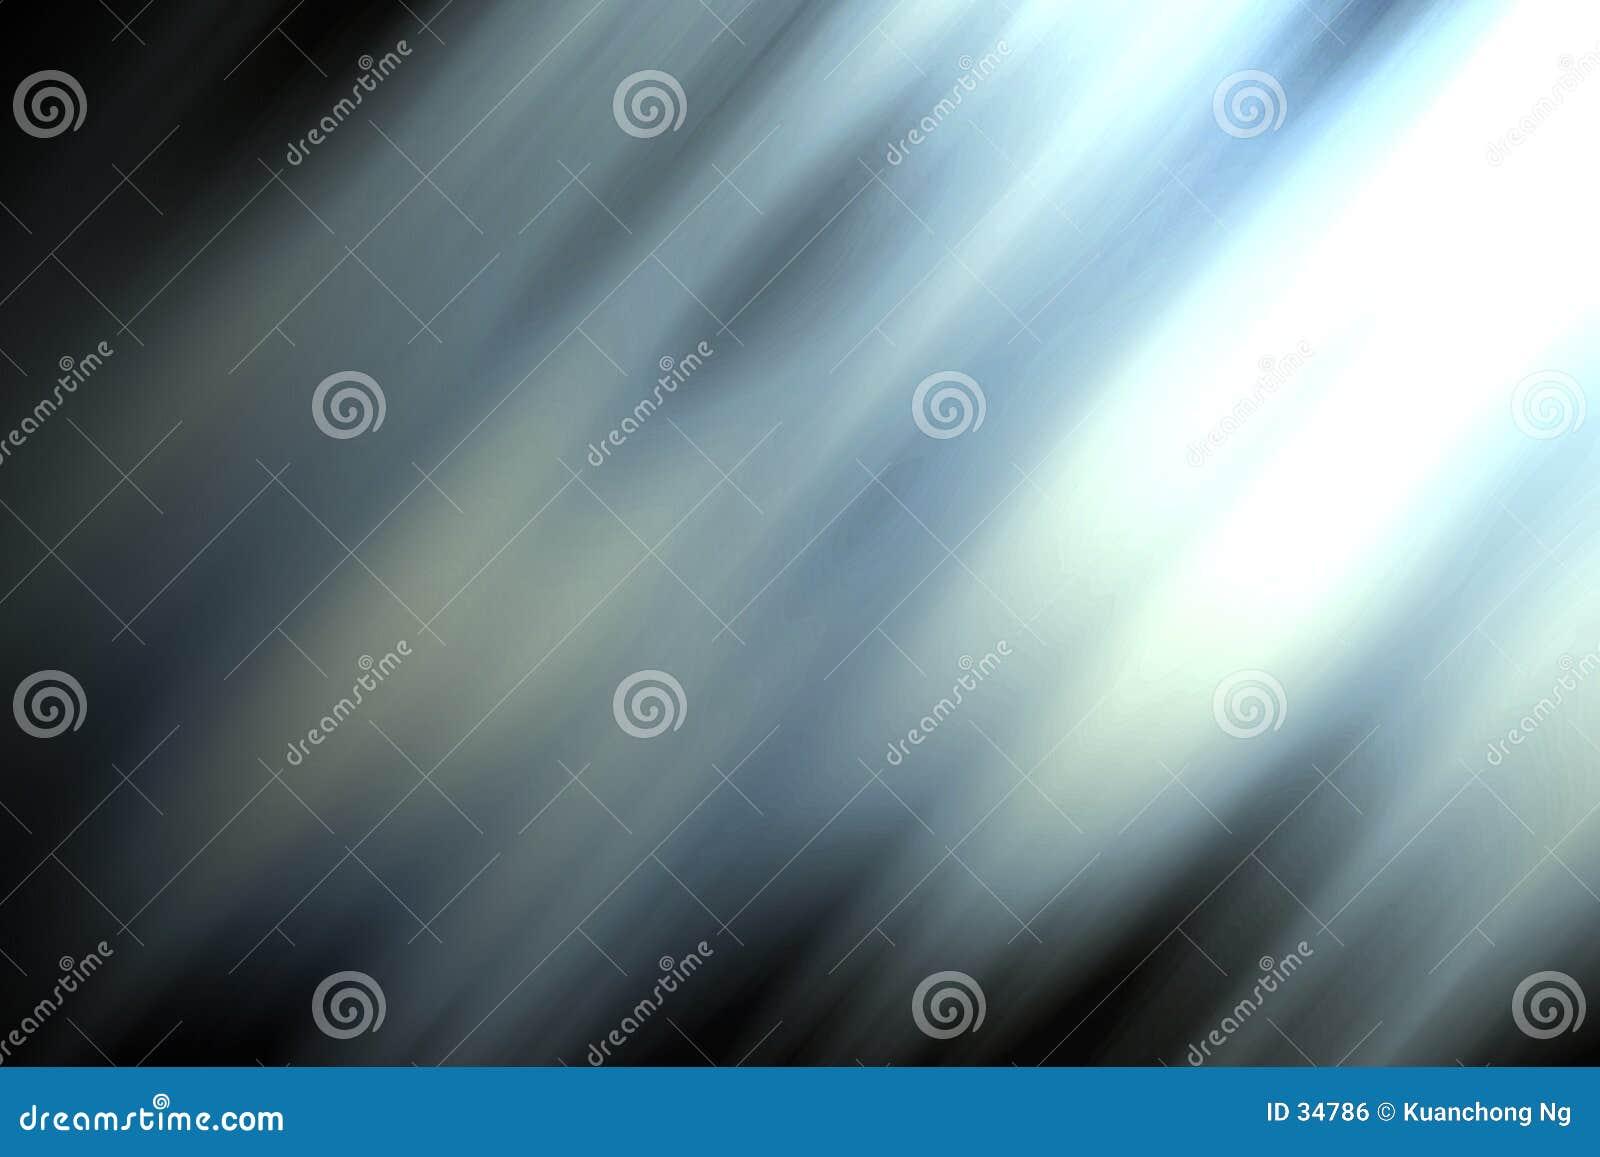 background - Shine